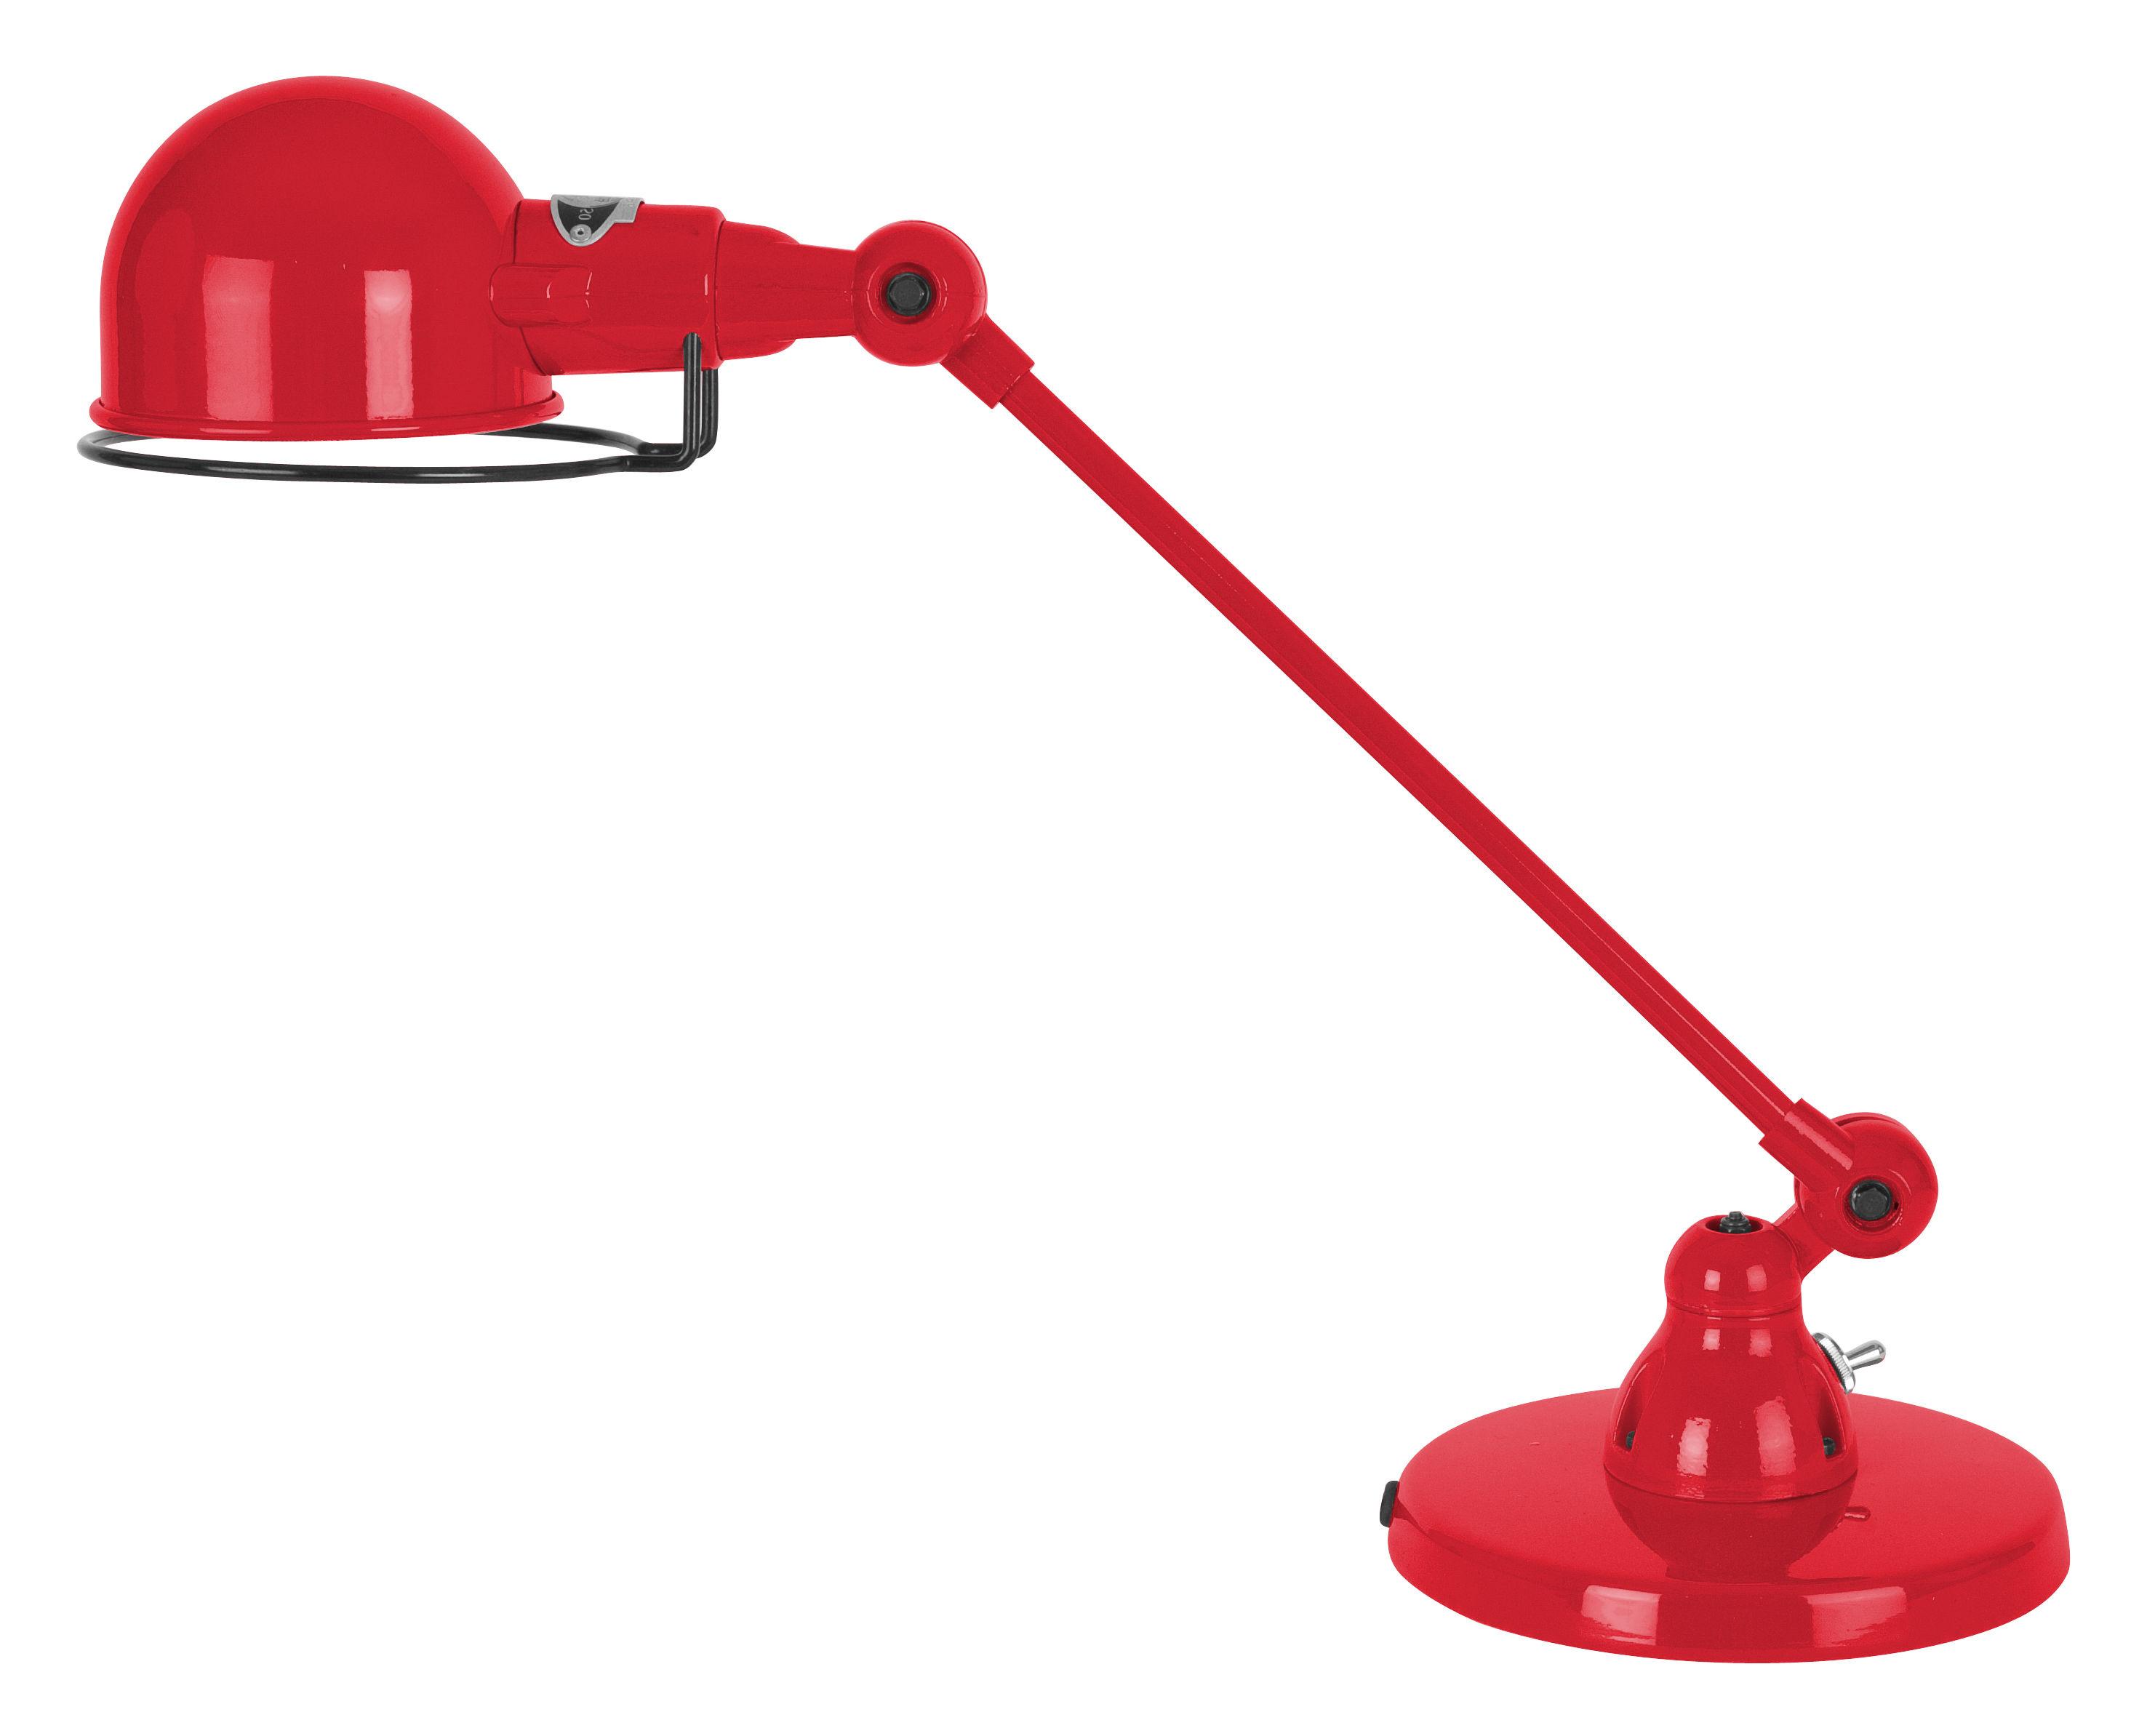 Leuchten - Tischleuchten - Signal Tischleuchte / mit schwenkbarem Arm - L 40 cm - Jieldé - Rot-glänzend - rostfreier Stahl